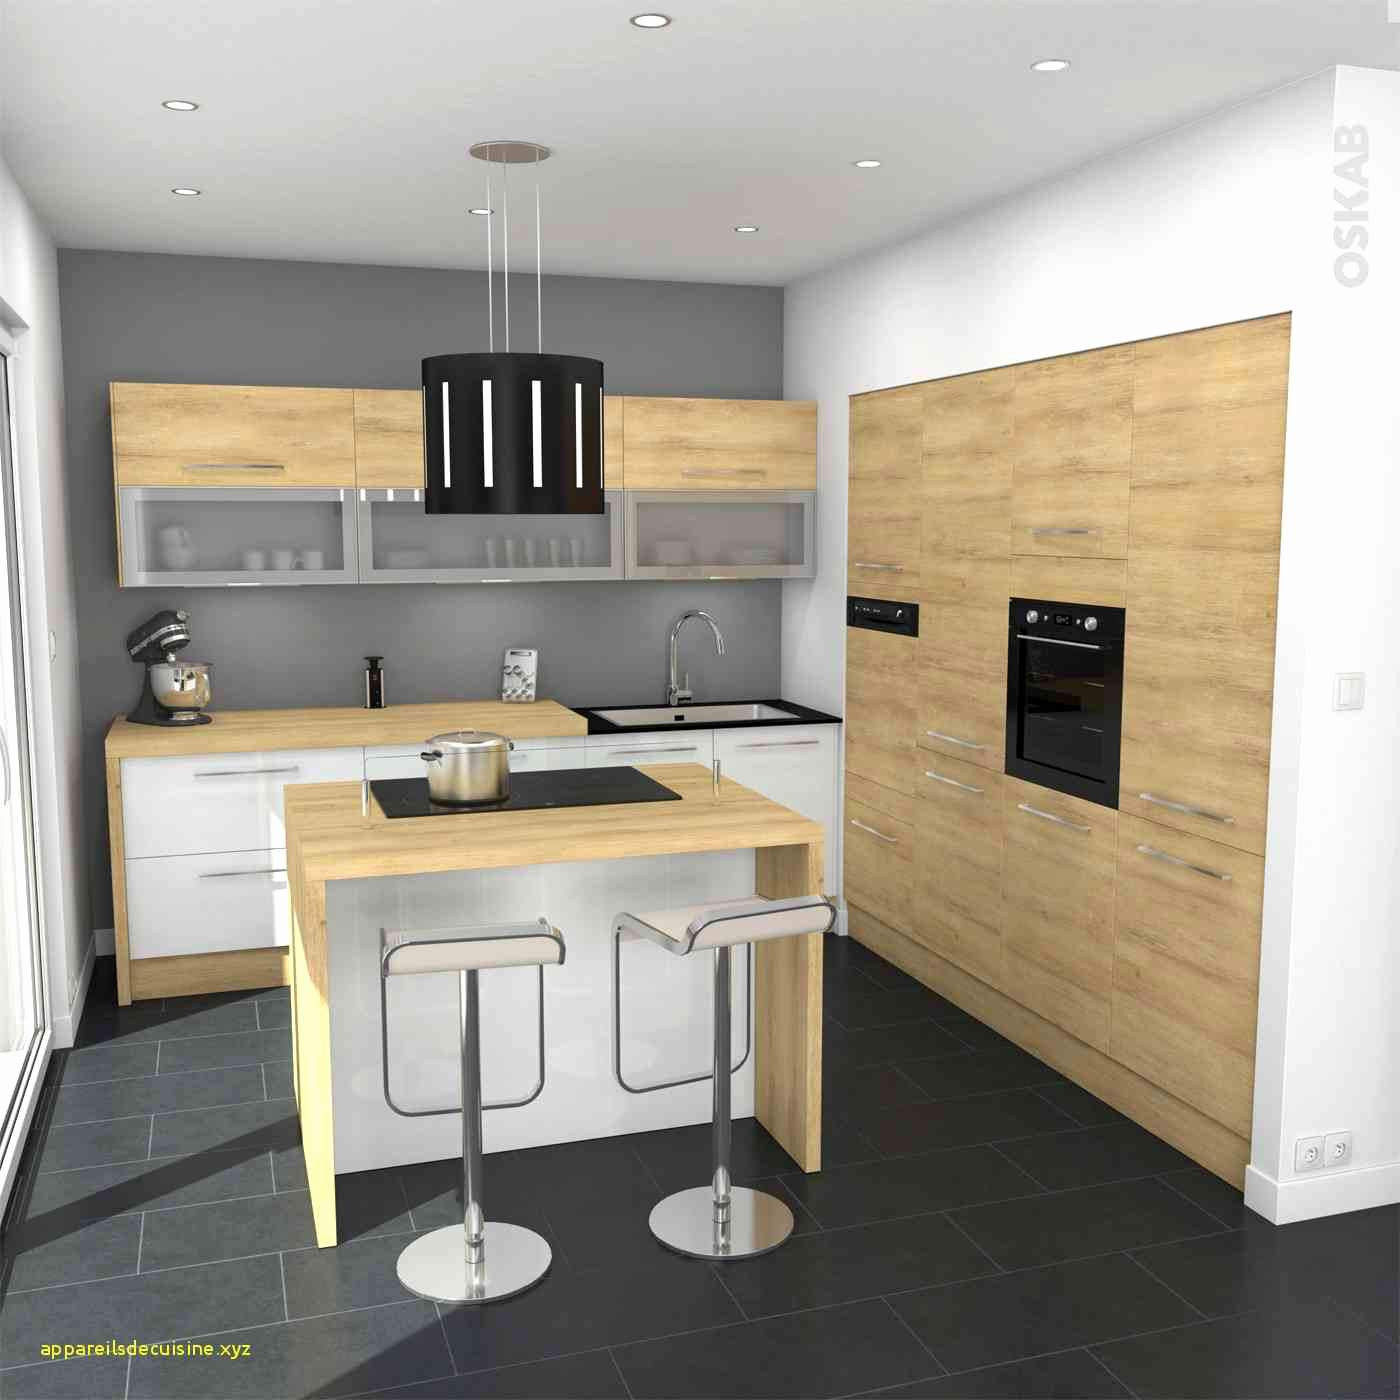 Maison Et Styles Luxe Collection Style De Cuisine Agréable Cuisine Industrielle Deco Magnifique